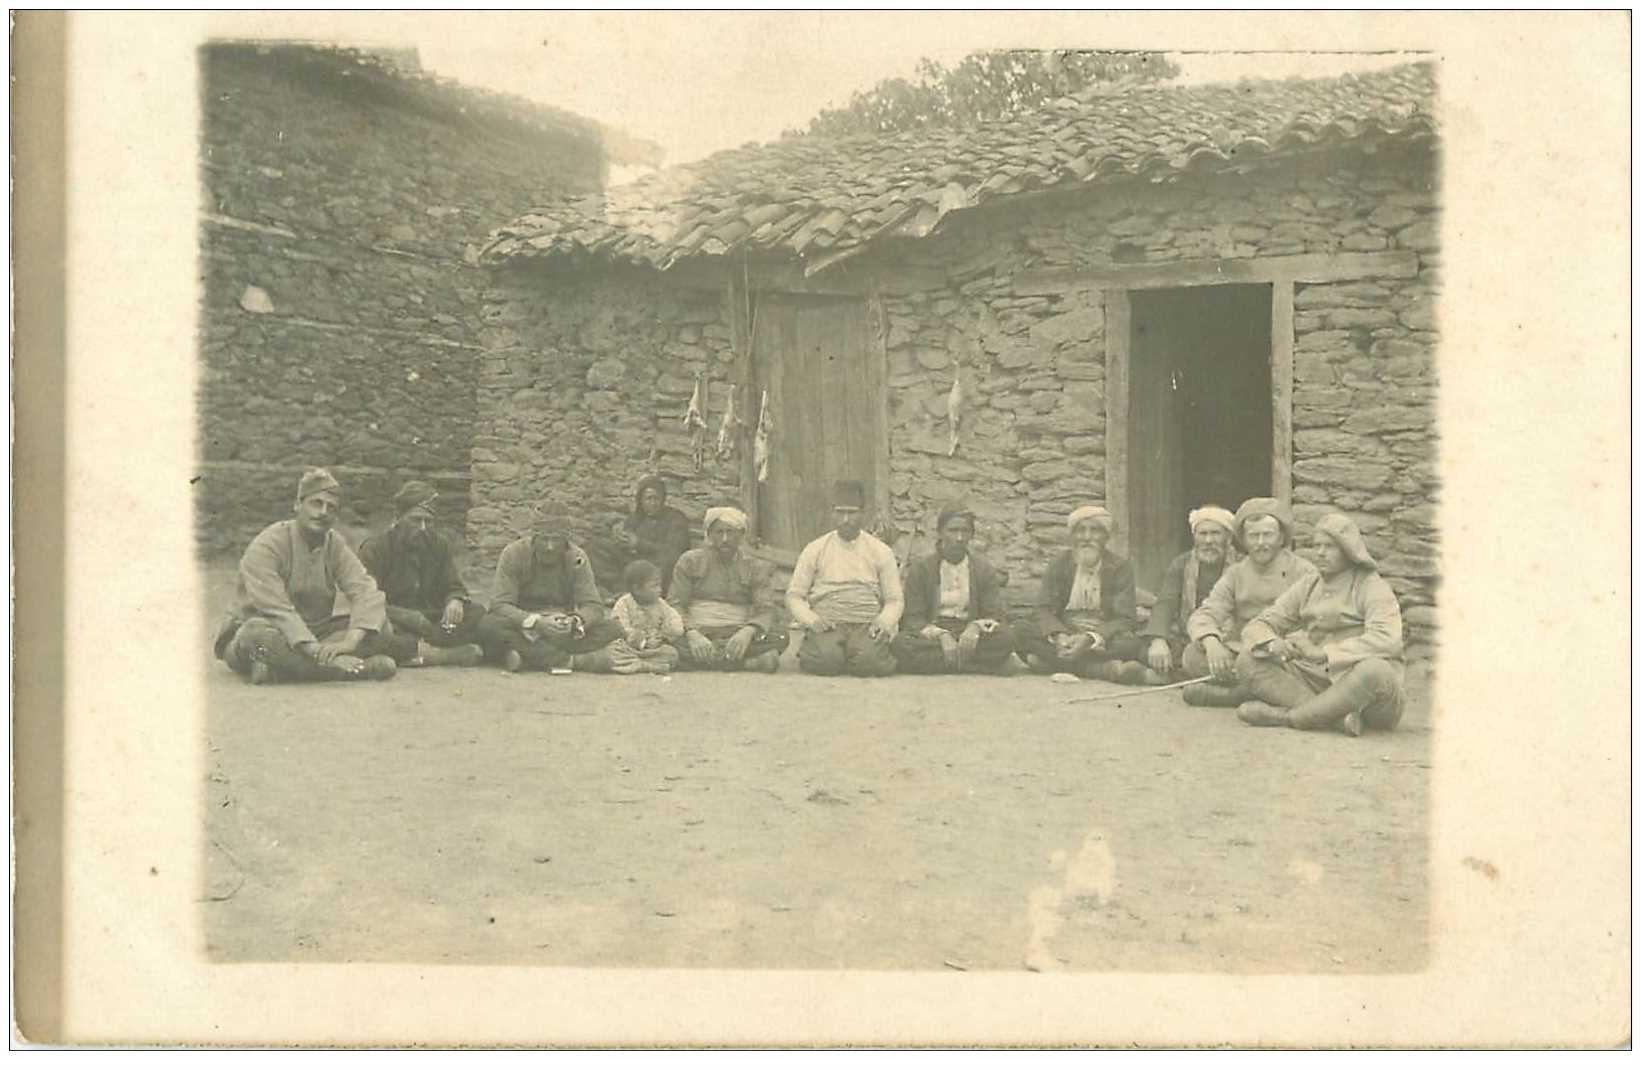 carte postale ancienne Algérie. Photo carte postale d'un groupe d'Arabe et de Militaires Français